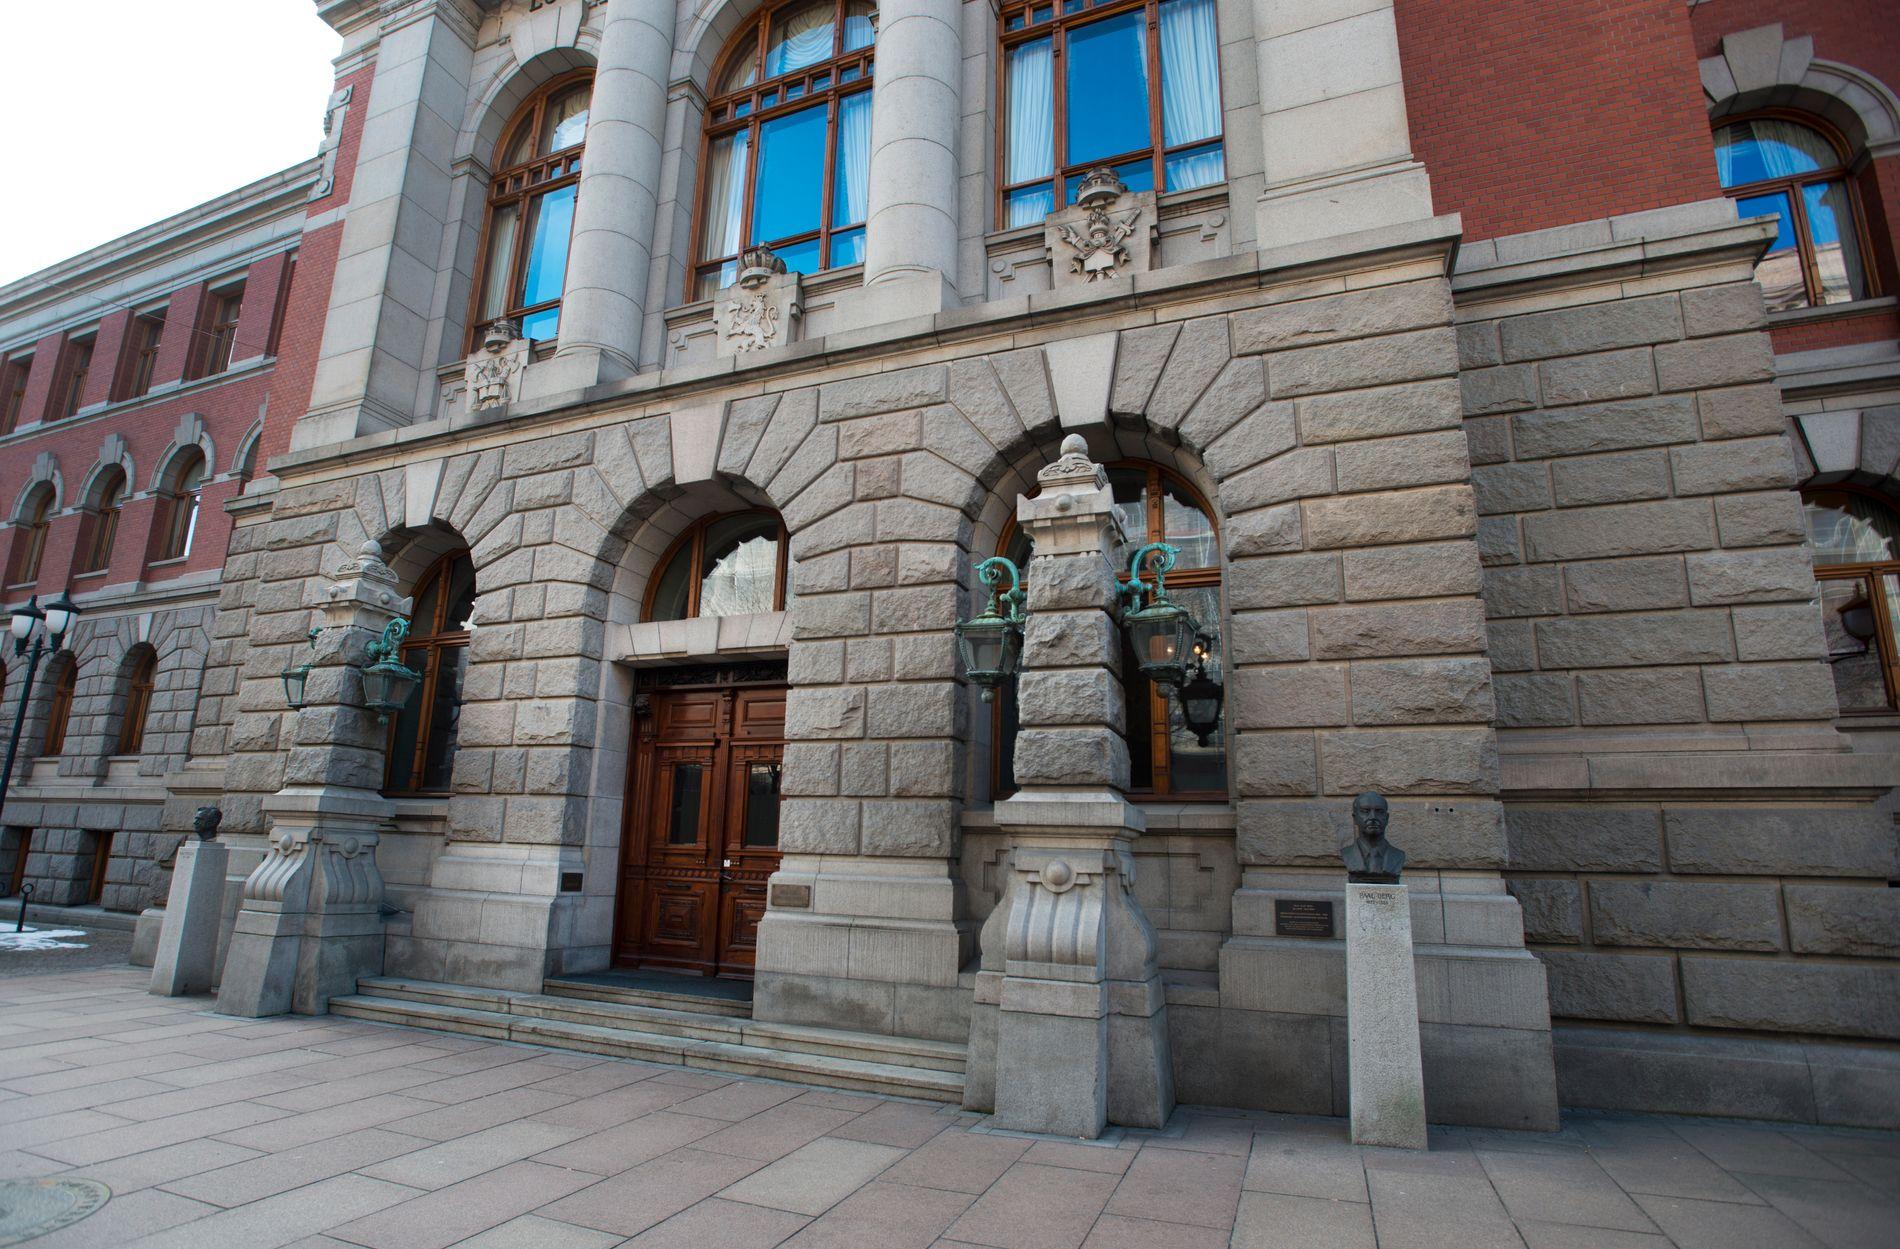 GREP INN: Høyesterett har besluttet at drapsdommen mot en 31 år gammel far skal oppheves. Dermed havner saken i lagmannsretten igjen.